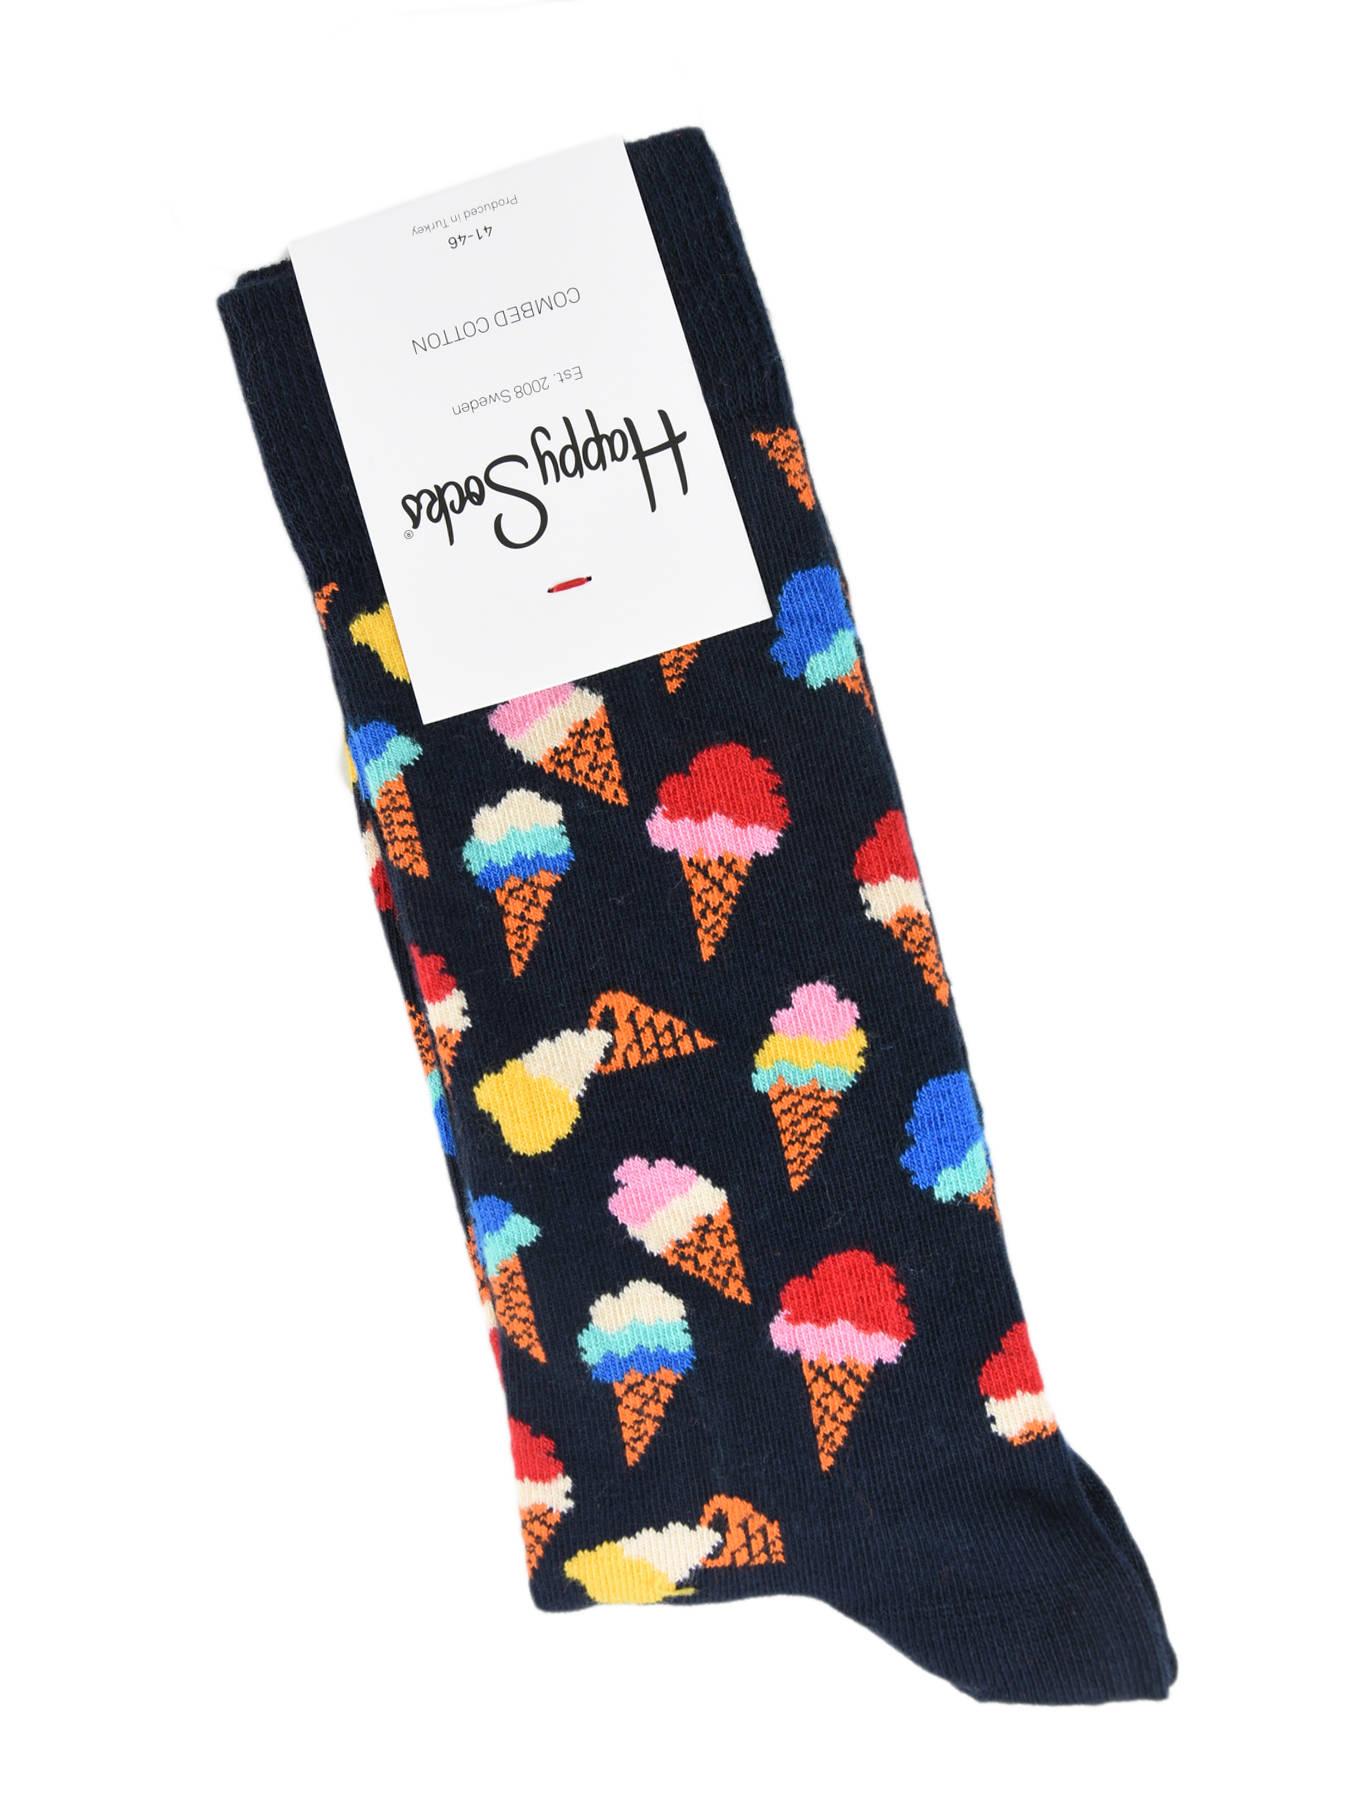 [DIRK] Happy Socks voor 2,99.